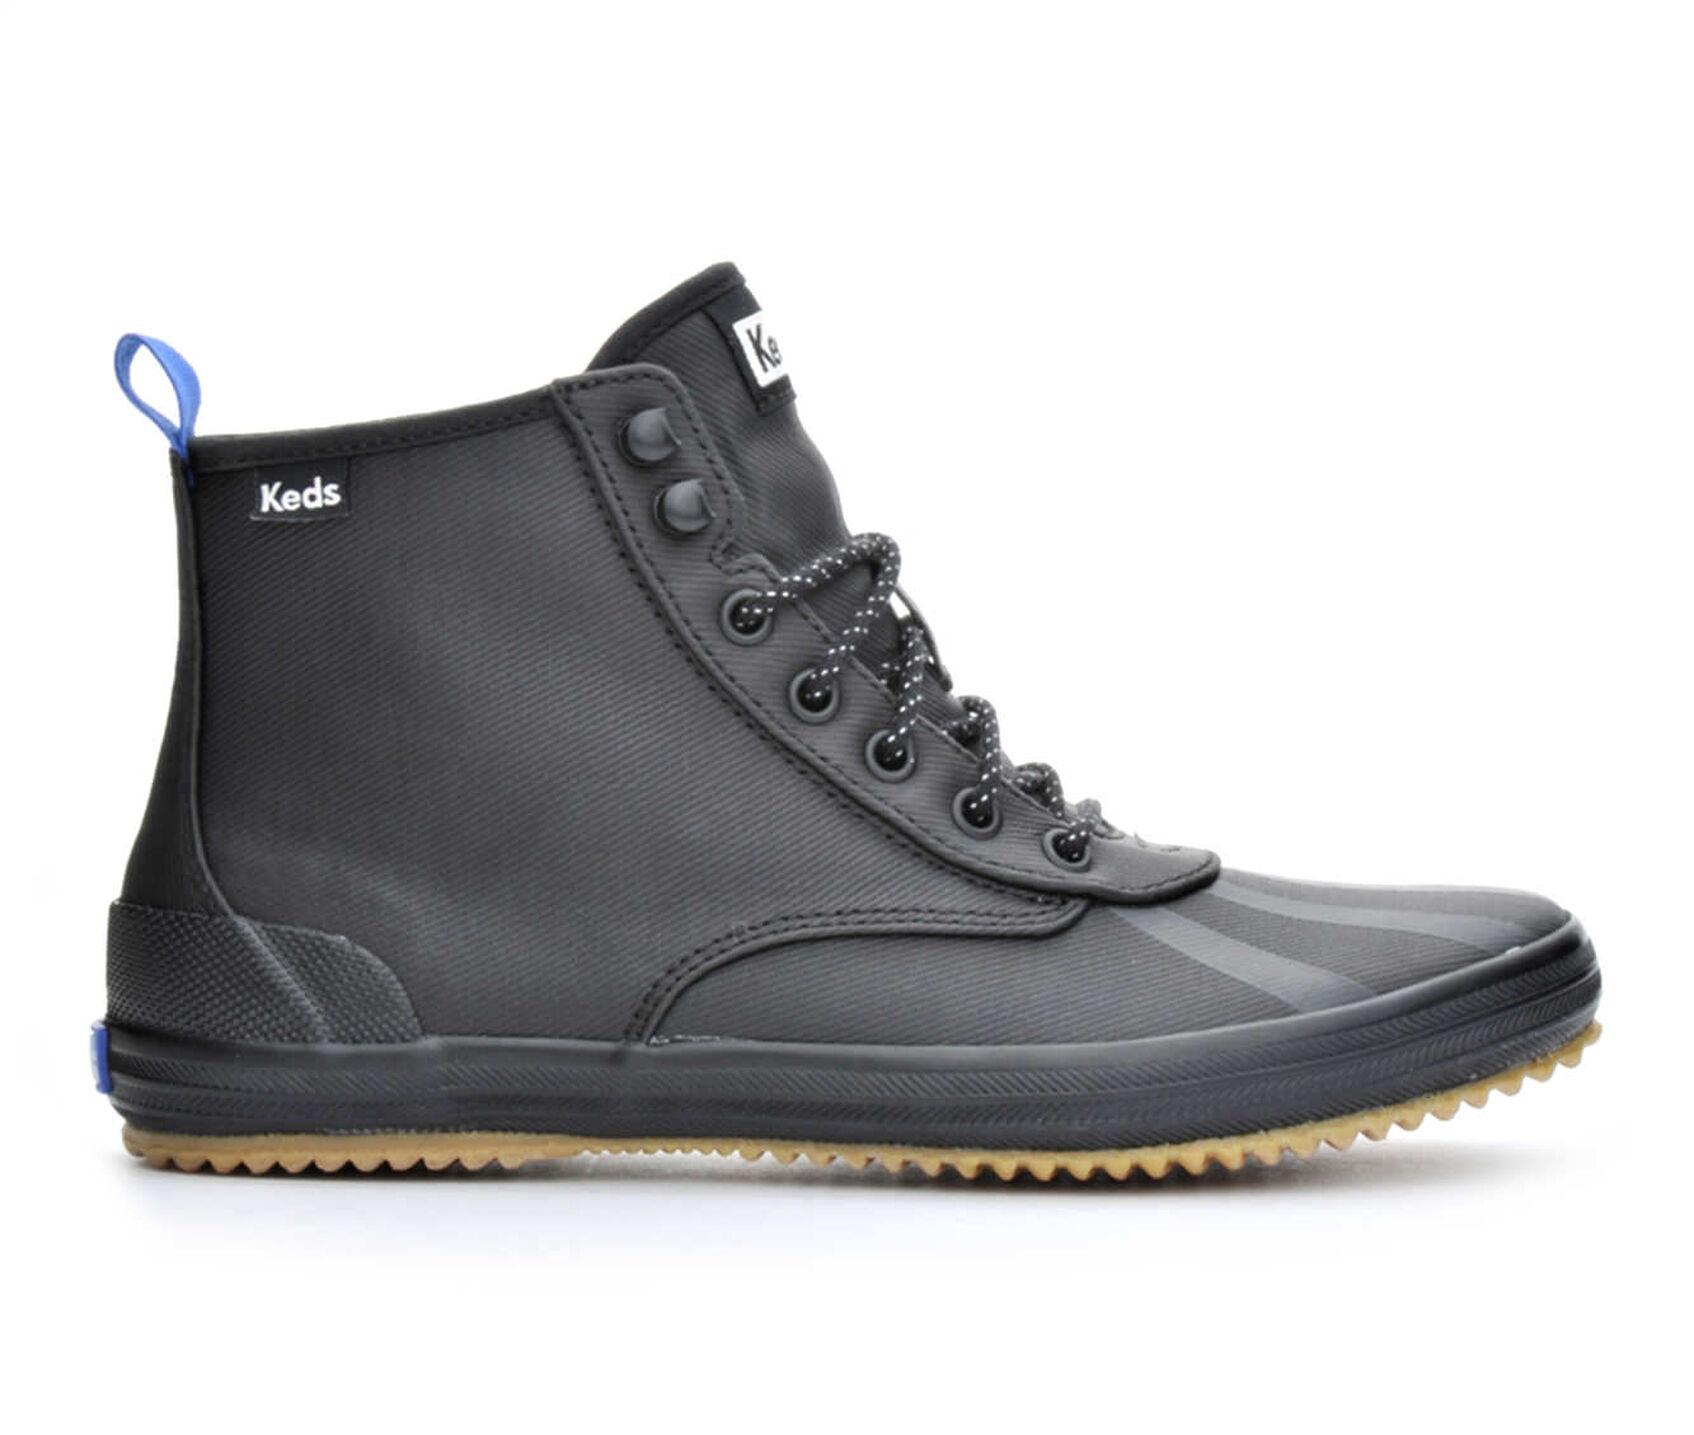 0d08c0f96d1d ... Keds Scout Splash WX Duck Boots. Previous